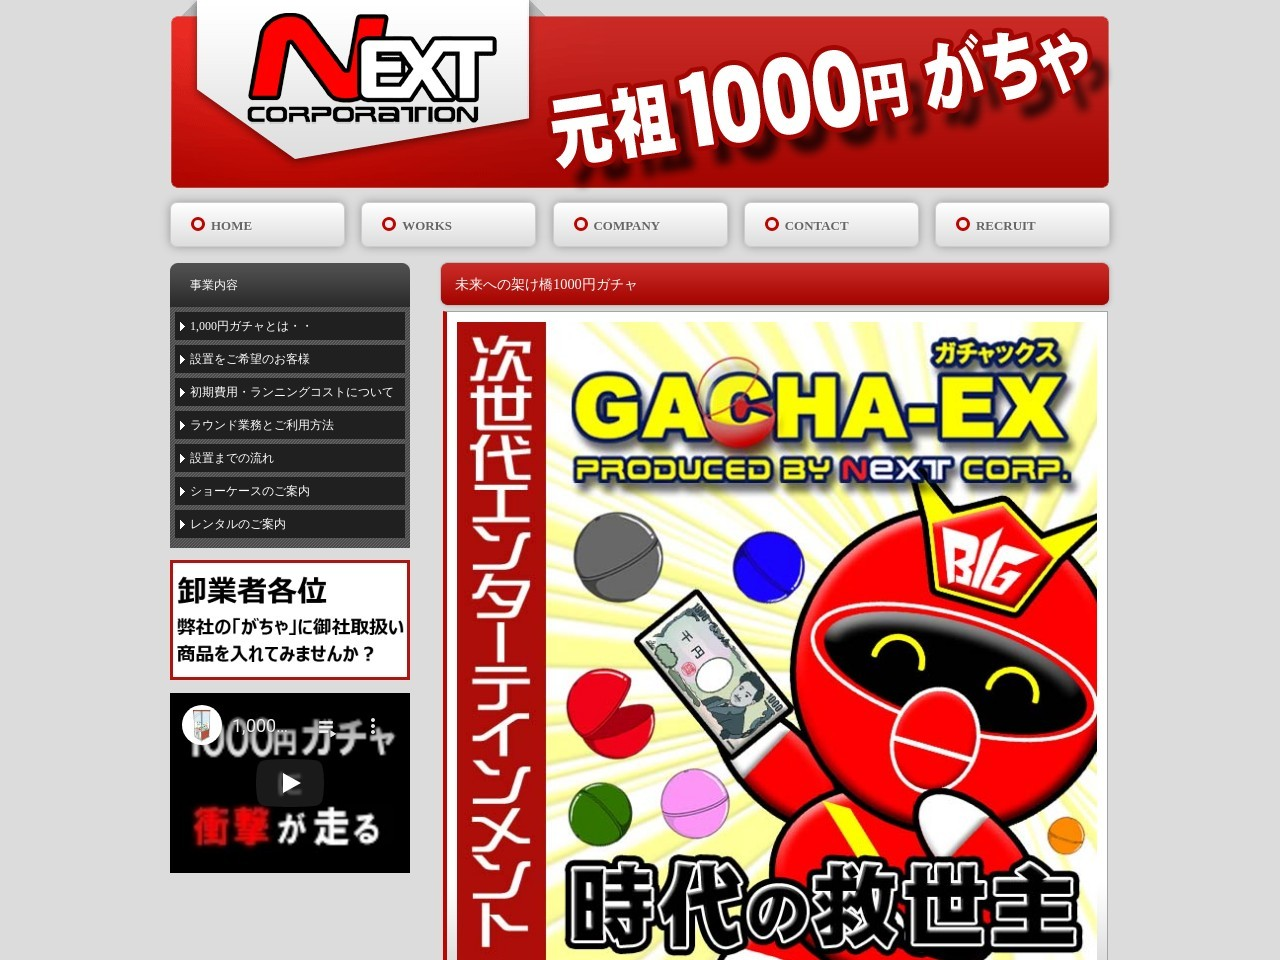 1000円ガチャ|株式会社NEXT